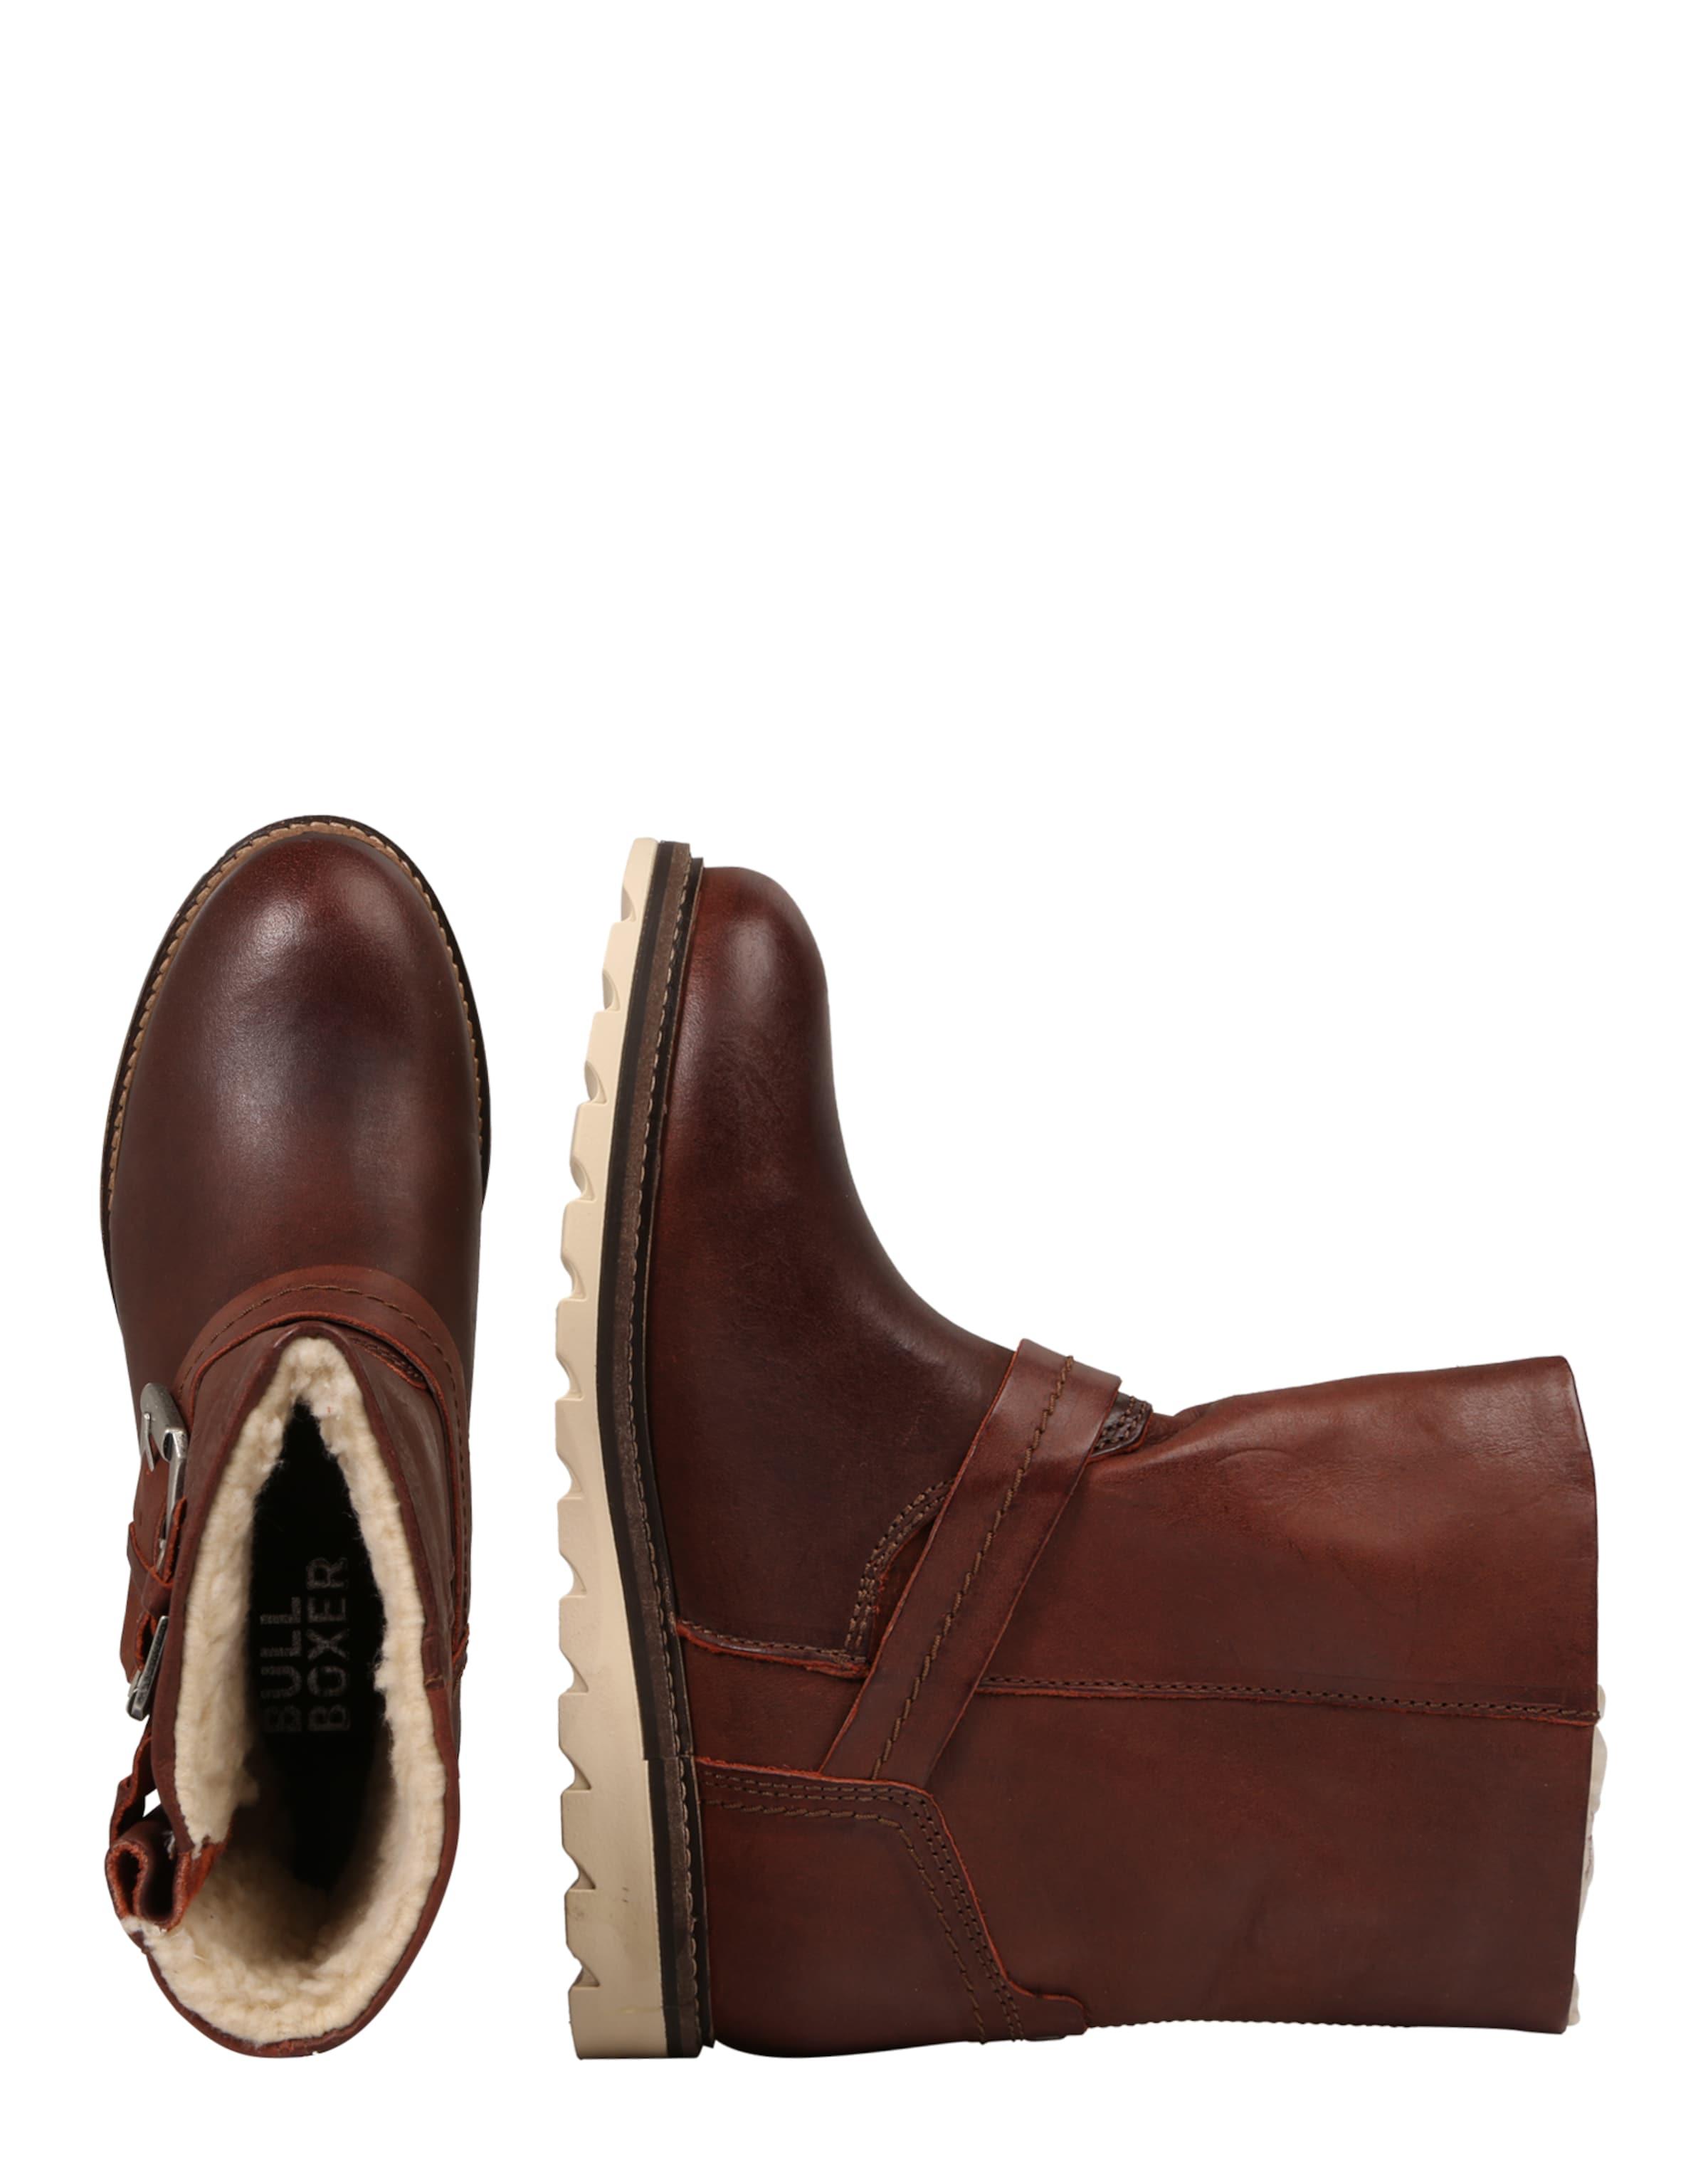 BULLBOXER Leder-Stiefel mit Schnallen Billig Mit Master Billige Versorgung yC6im6YzxO